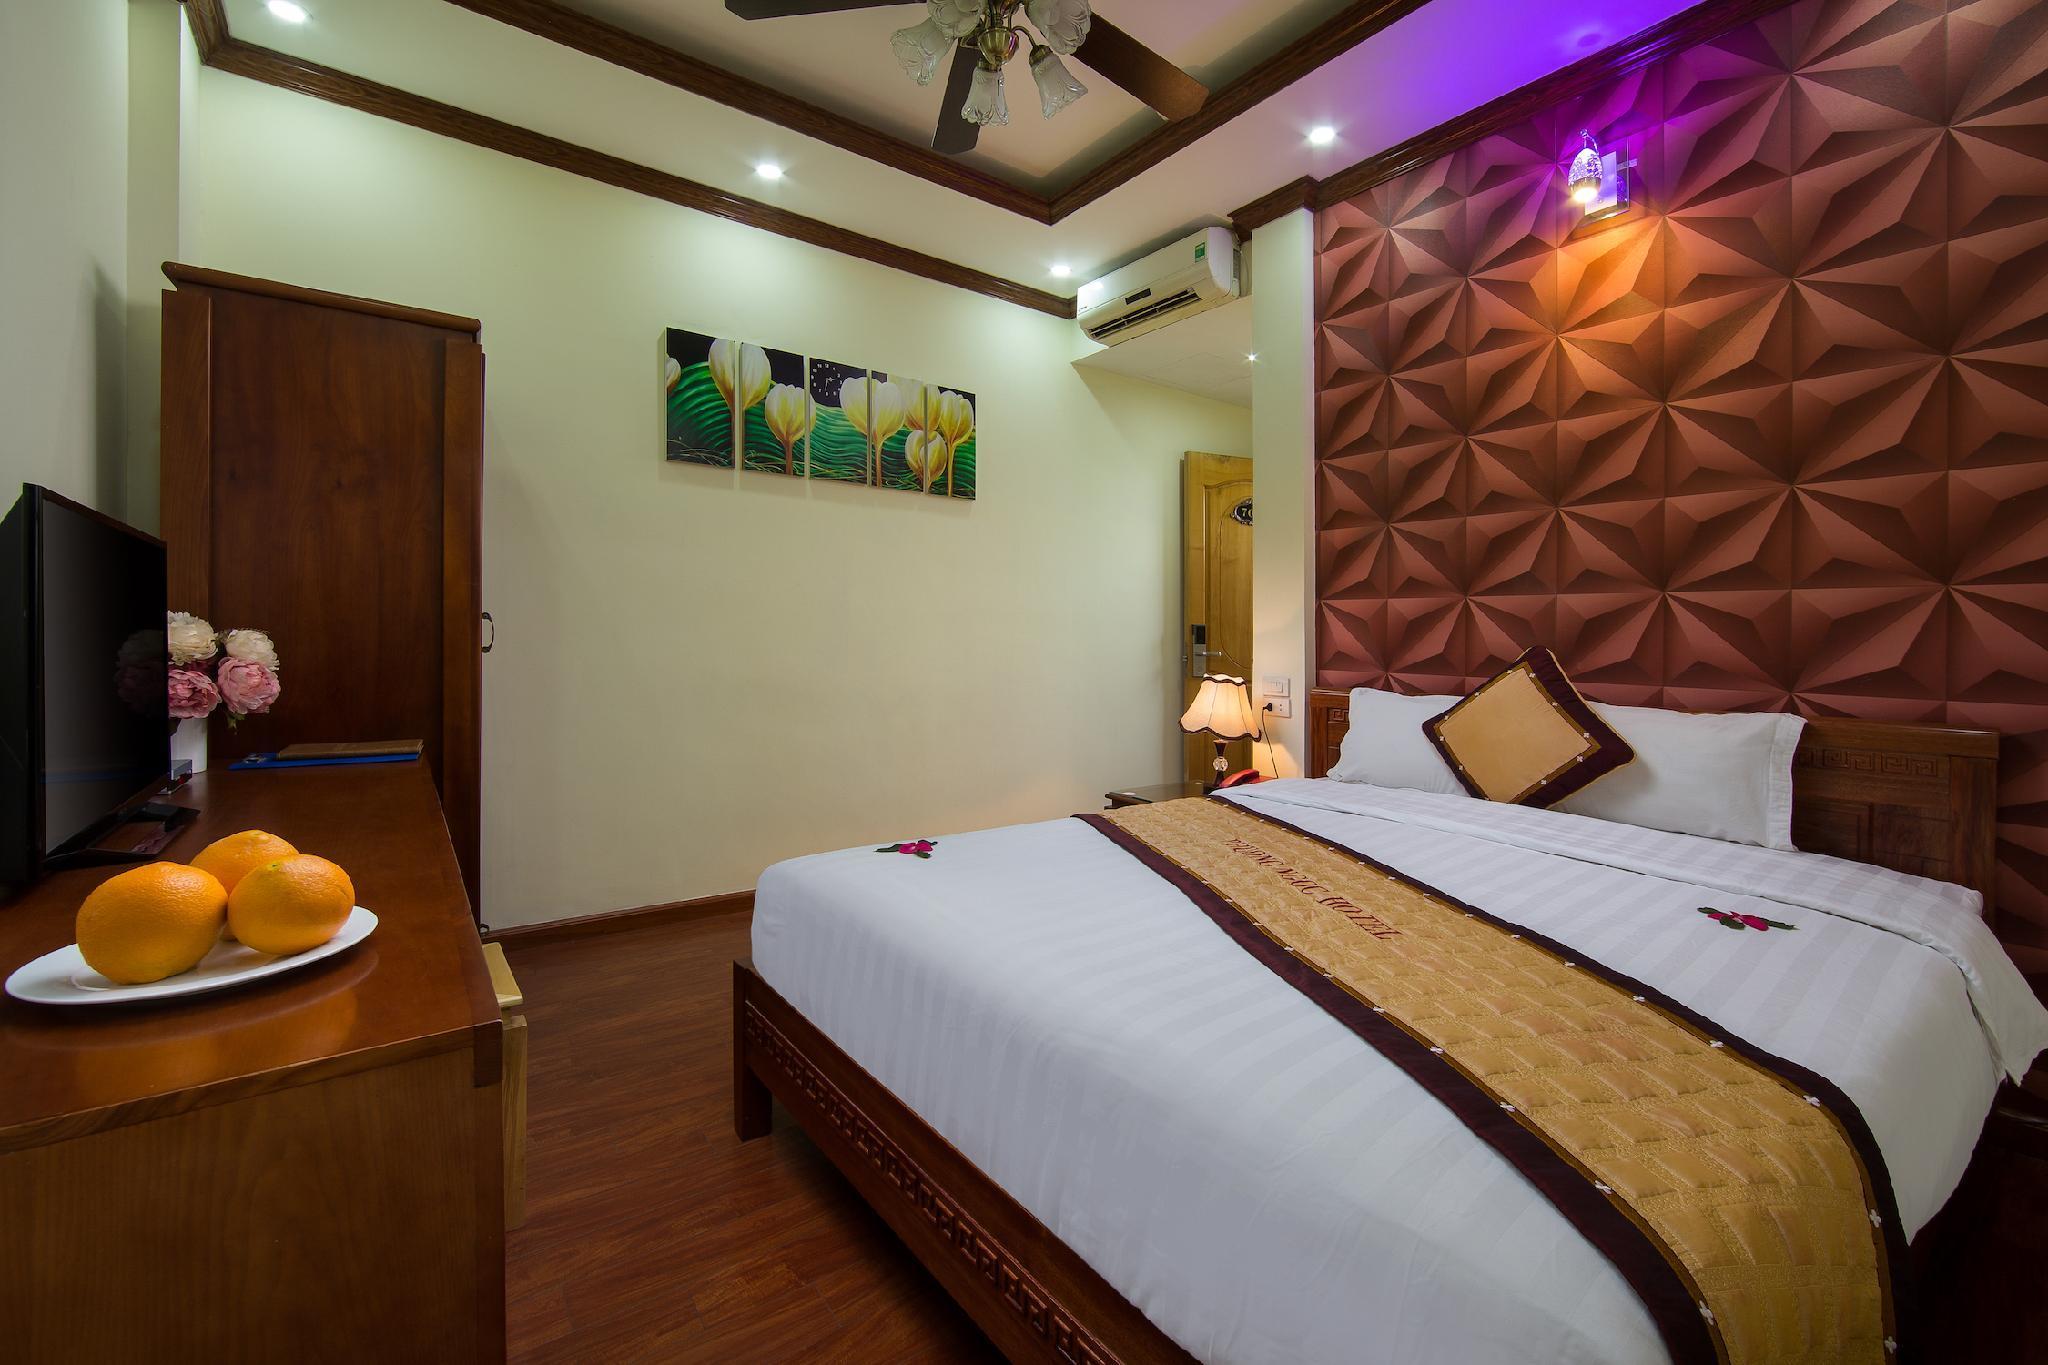 7S Hotel Phuong Ngoc Hanoi, Hai Bà Trưng